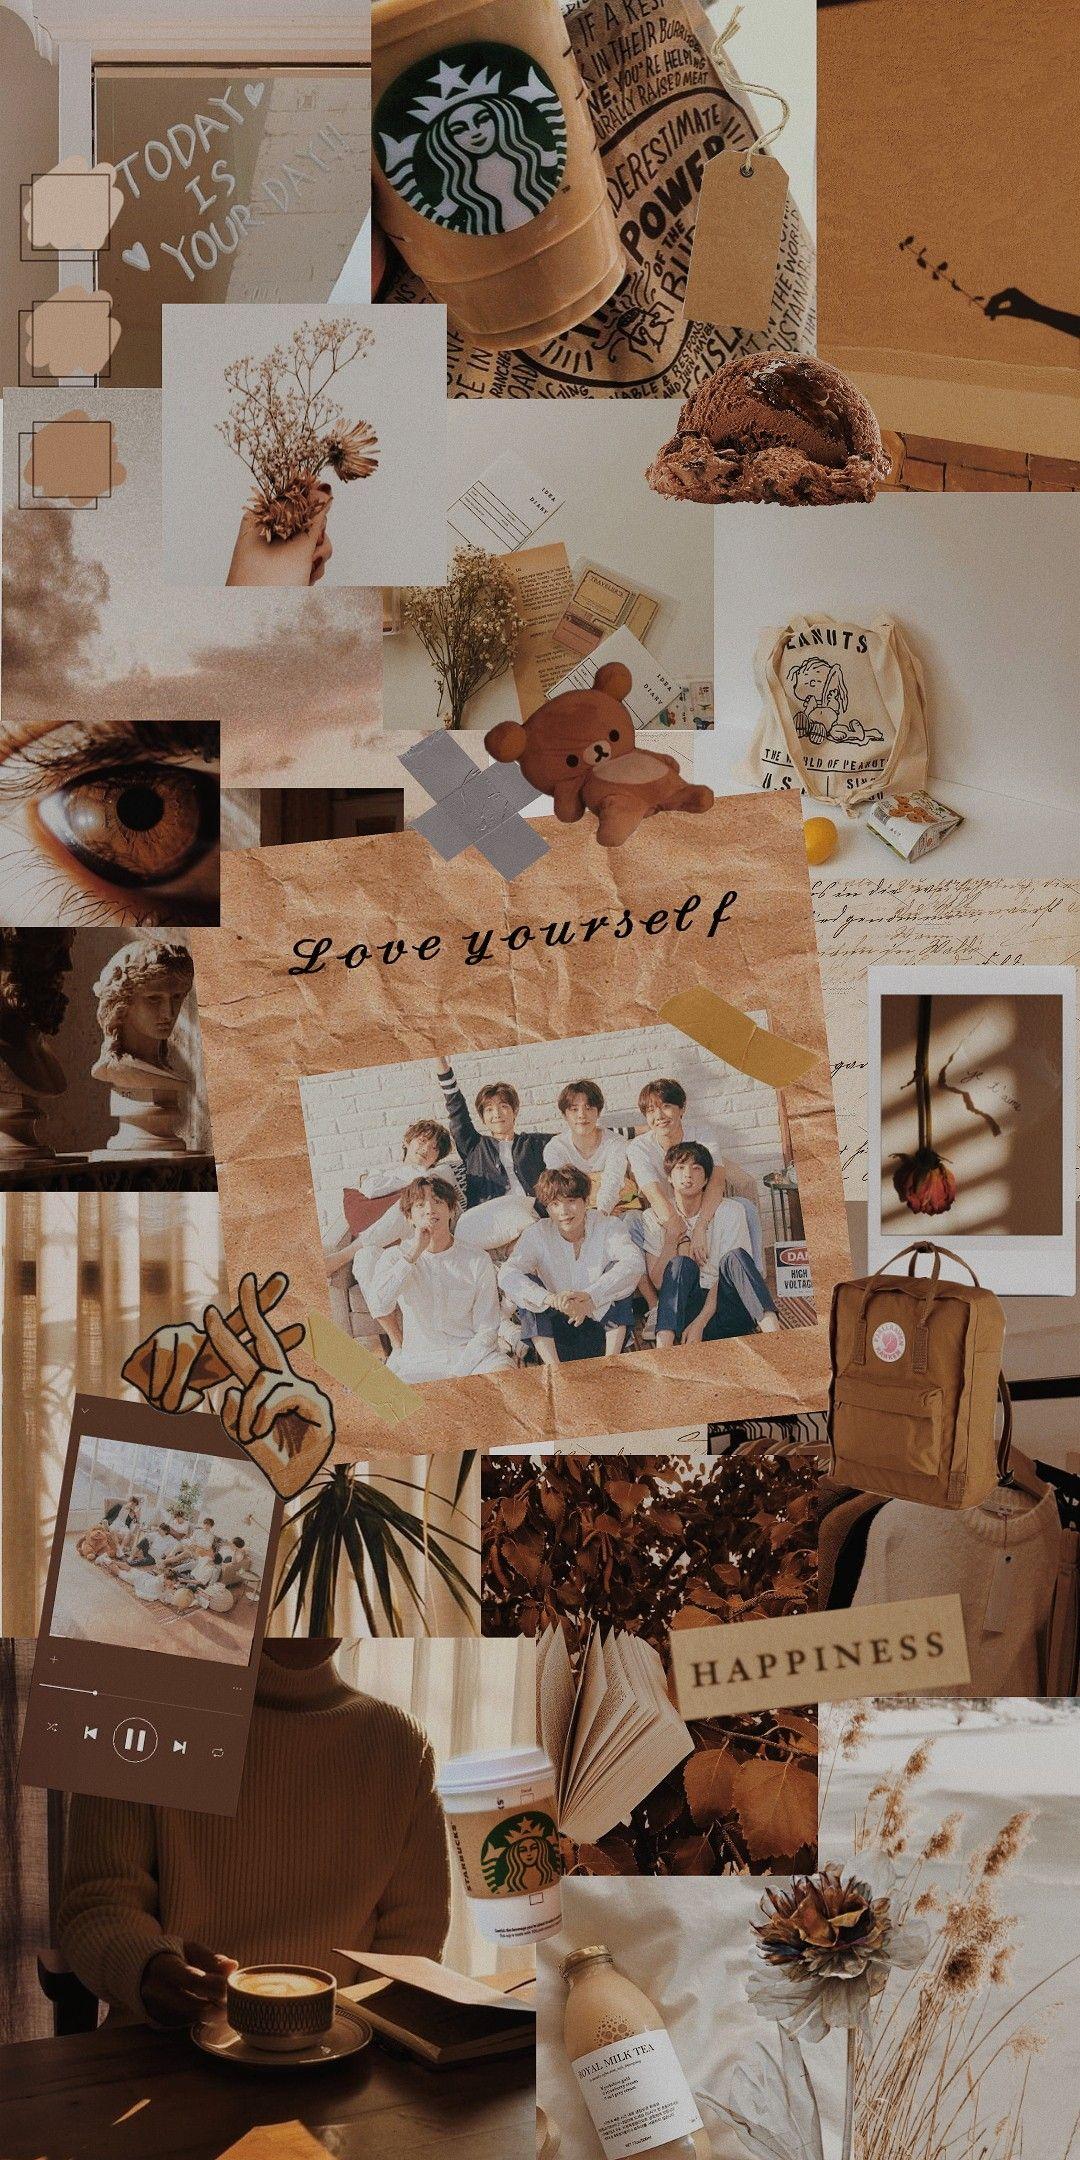 Bts Aesthetic Wallpaper Brown Taehyung Jungkook Rm Suga Jin